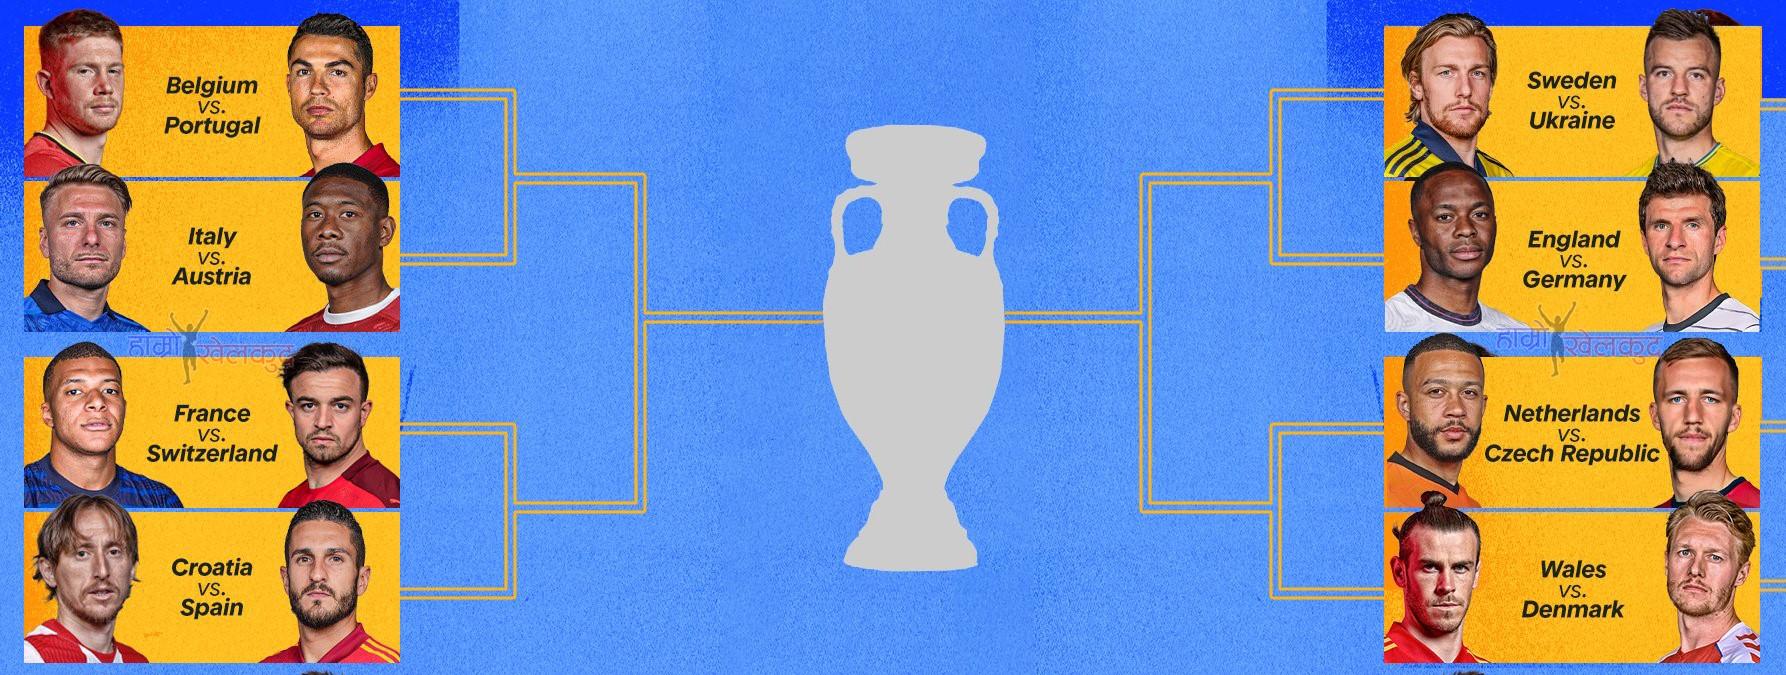 युरो कप : अन्तिम १६ मा को-को संग  भिड्दै? ( मिति र समयसहित)